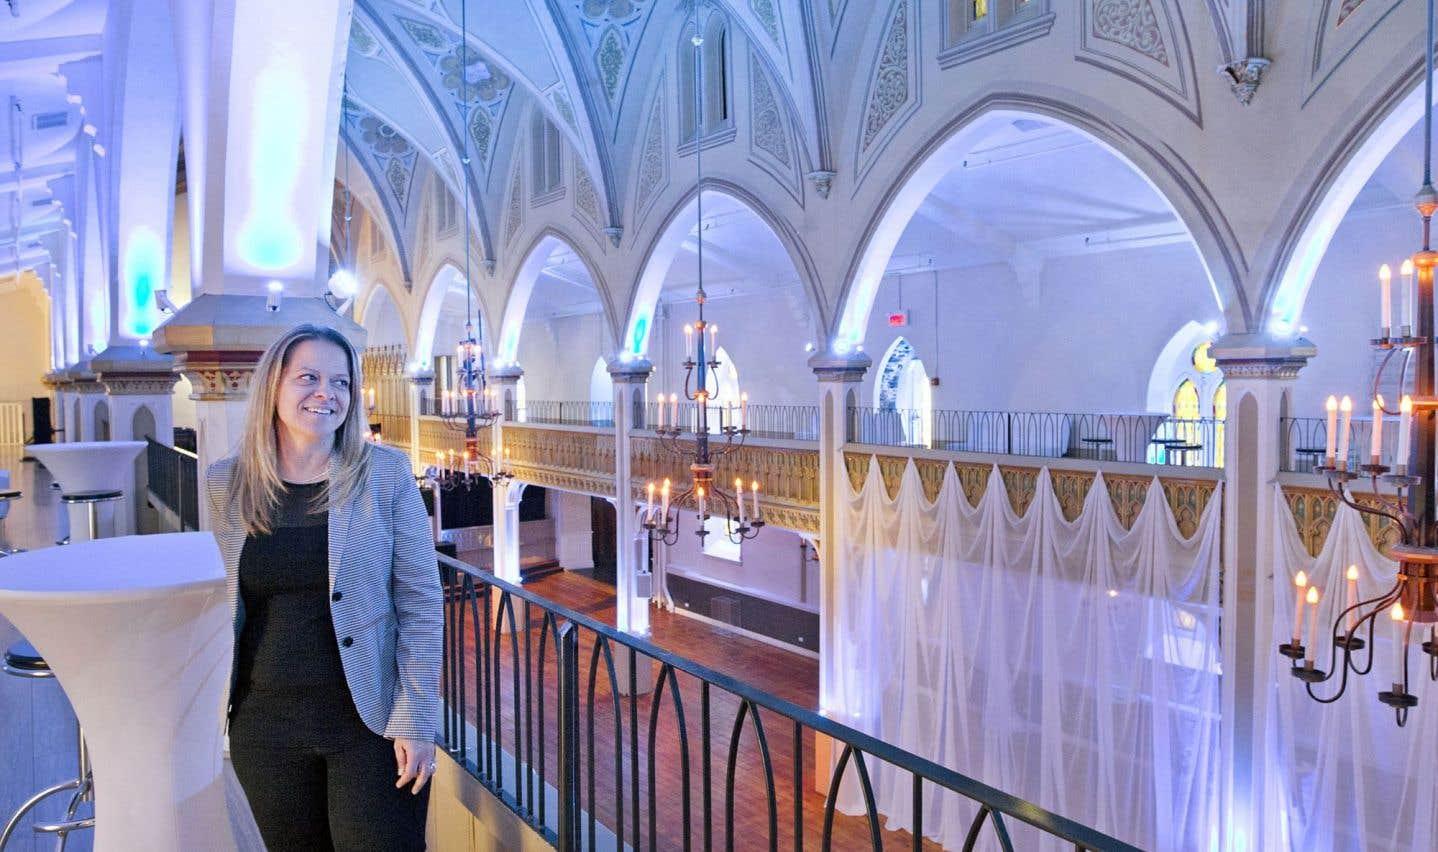 Natalie Voland, une femme d'affaires qui réinvente la ville